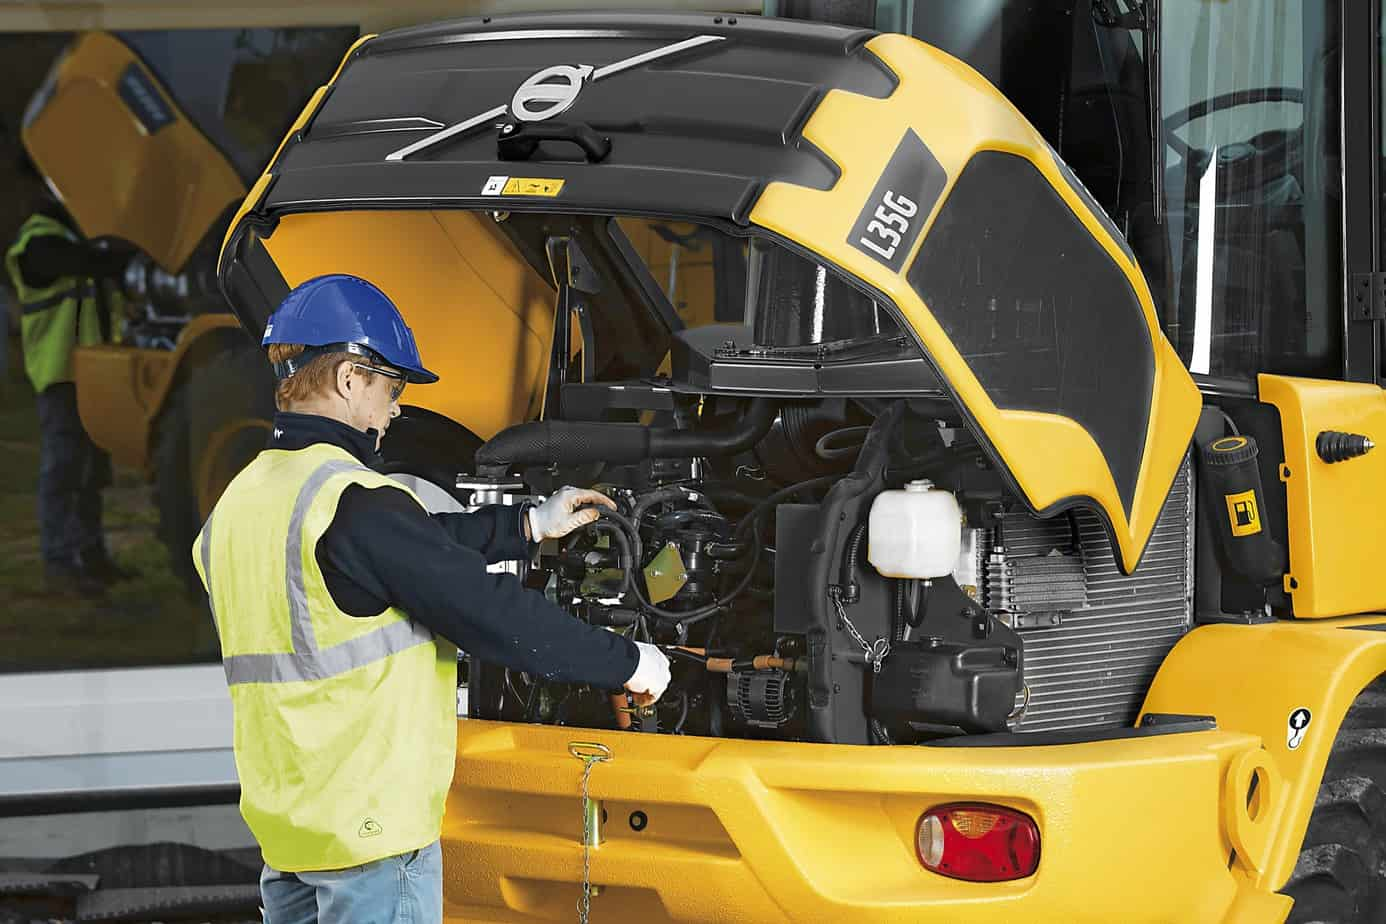 Entrambi i modelli offrono un agevole accesso da terra ai punti di assistenza, inclusi i filtri del carburante, dell'aria, i filtri idraulici e dell'olio, il radiatore, l'astina di controllo del livello dell'olio, gli indicatori del livello dell'olio idraulico e la batteria